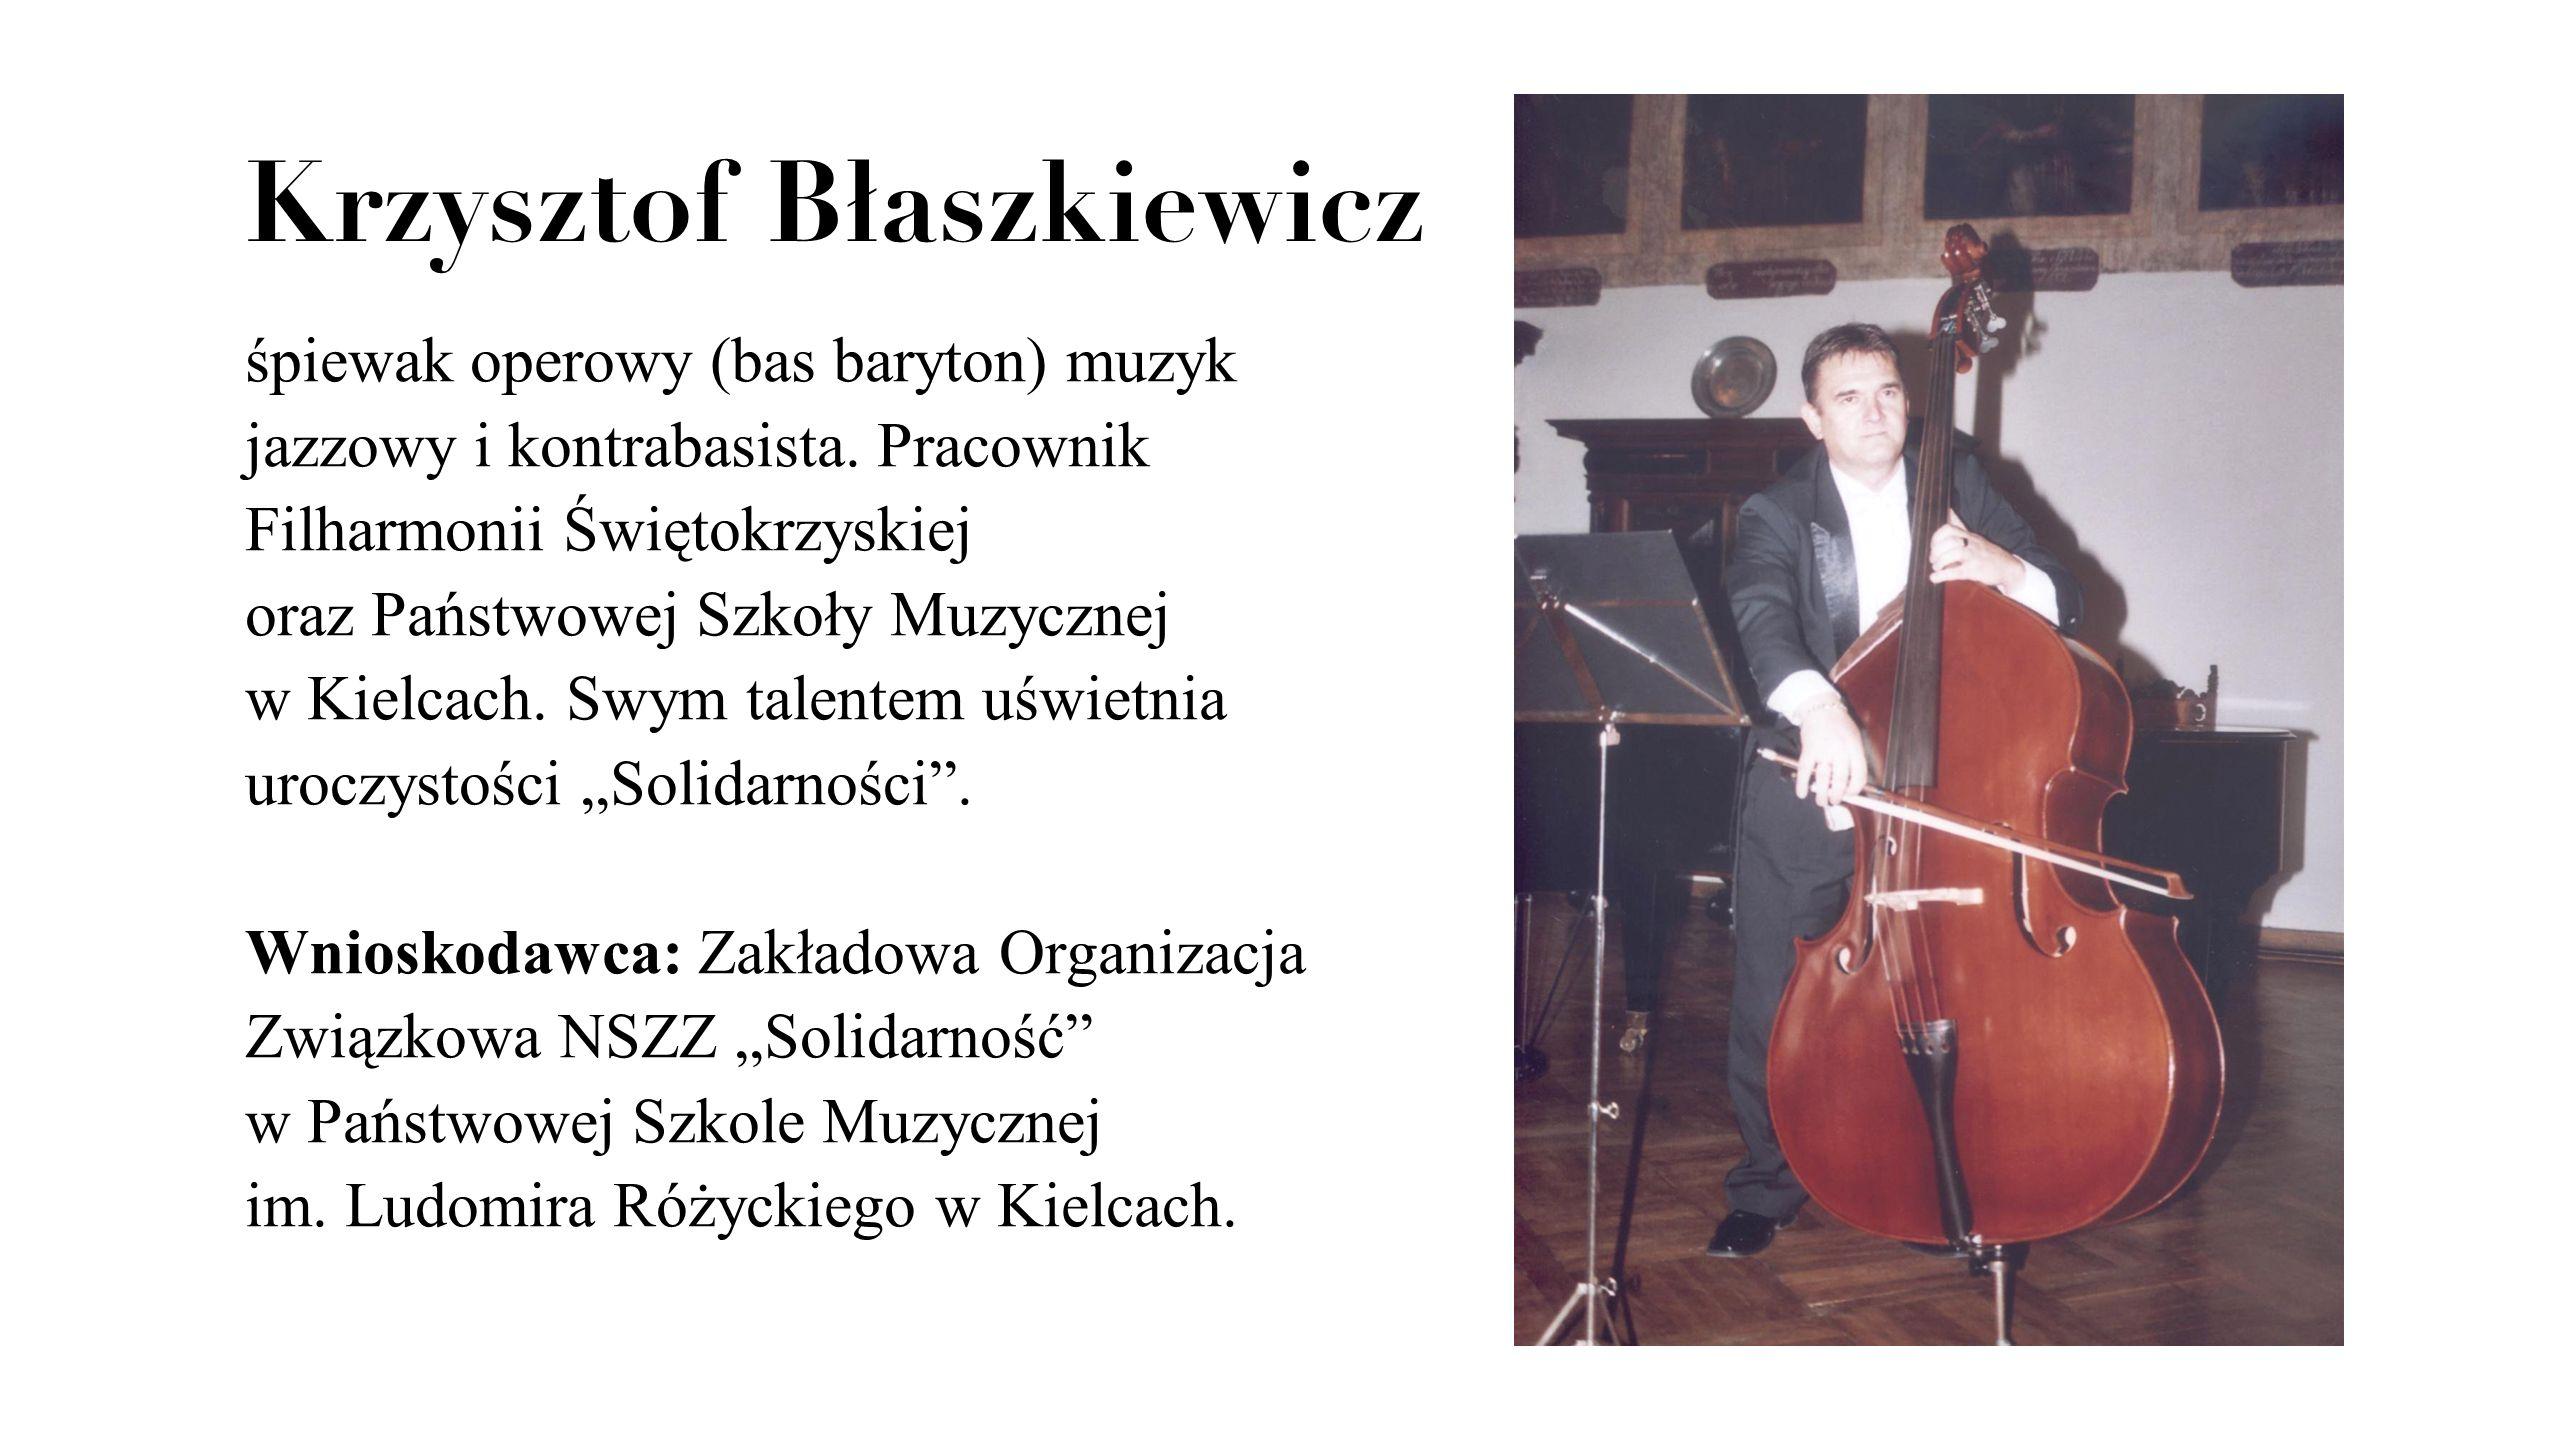 Krzysztof Błaszkiewicz śpiewak operowy (bas baryton) muzyk jazzowy i kontrabasista. Pracownik Filharmonii Świętokrzyskiej oraz Państwowej Szkoły Muzyc